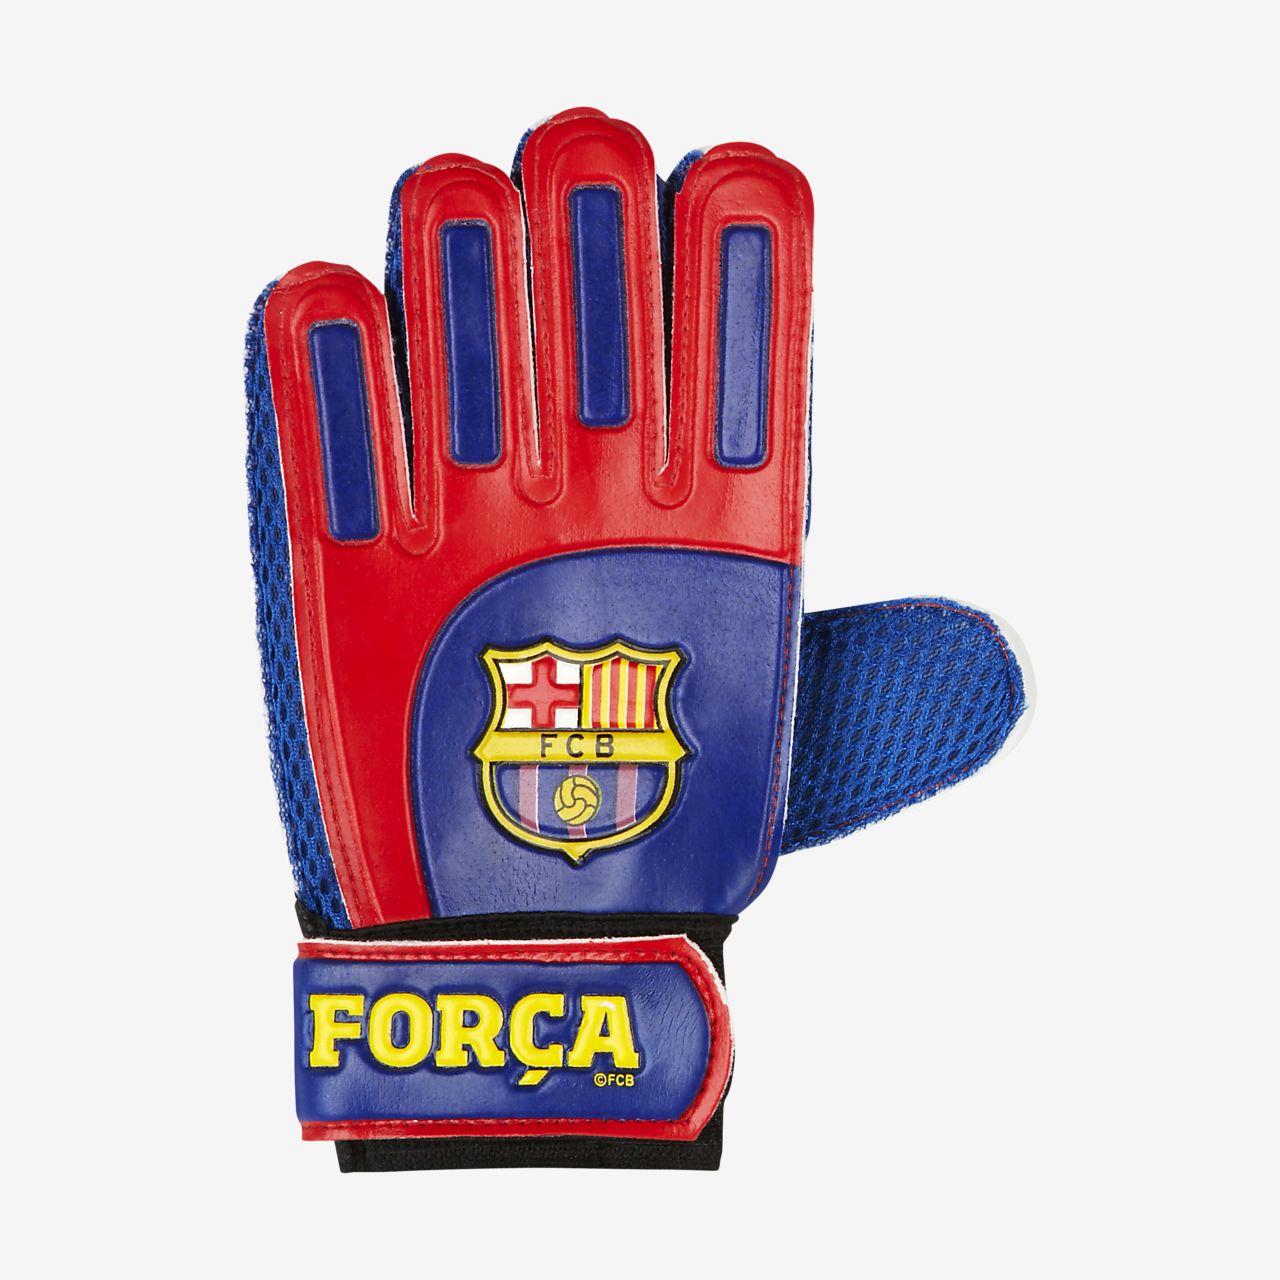 FC Barcelona Guantes de portero de fútbol - Bebé. Nike.com ES 0035873f59ac0